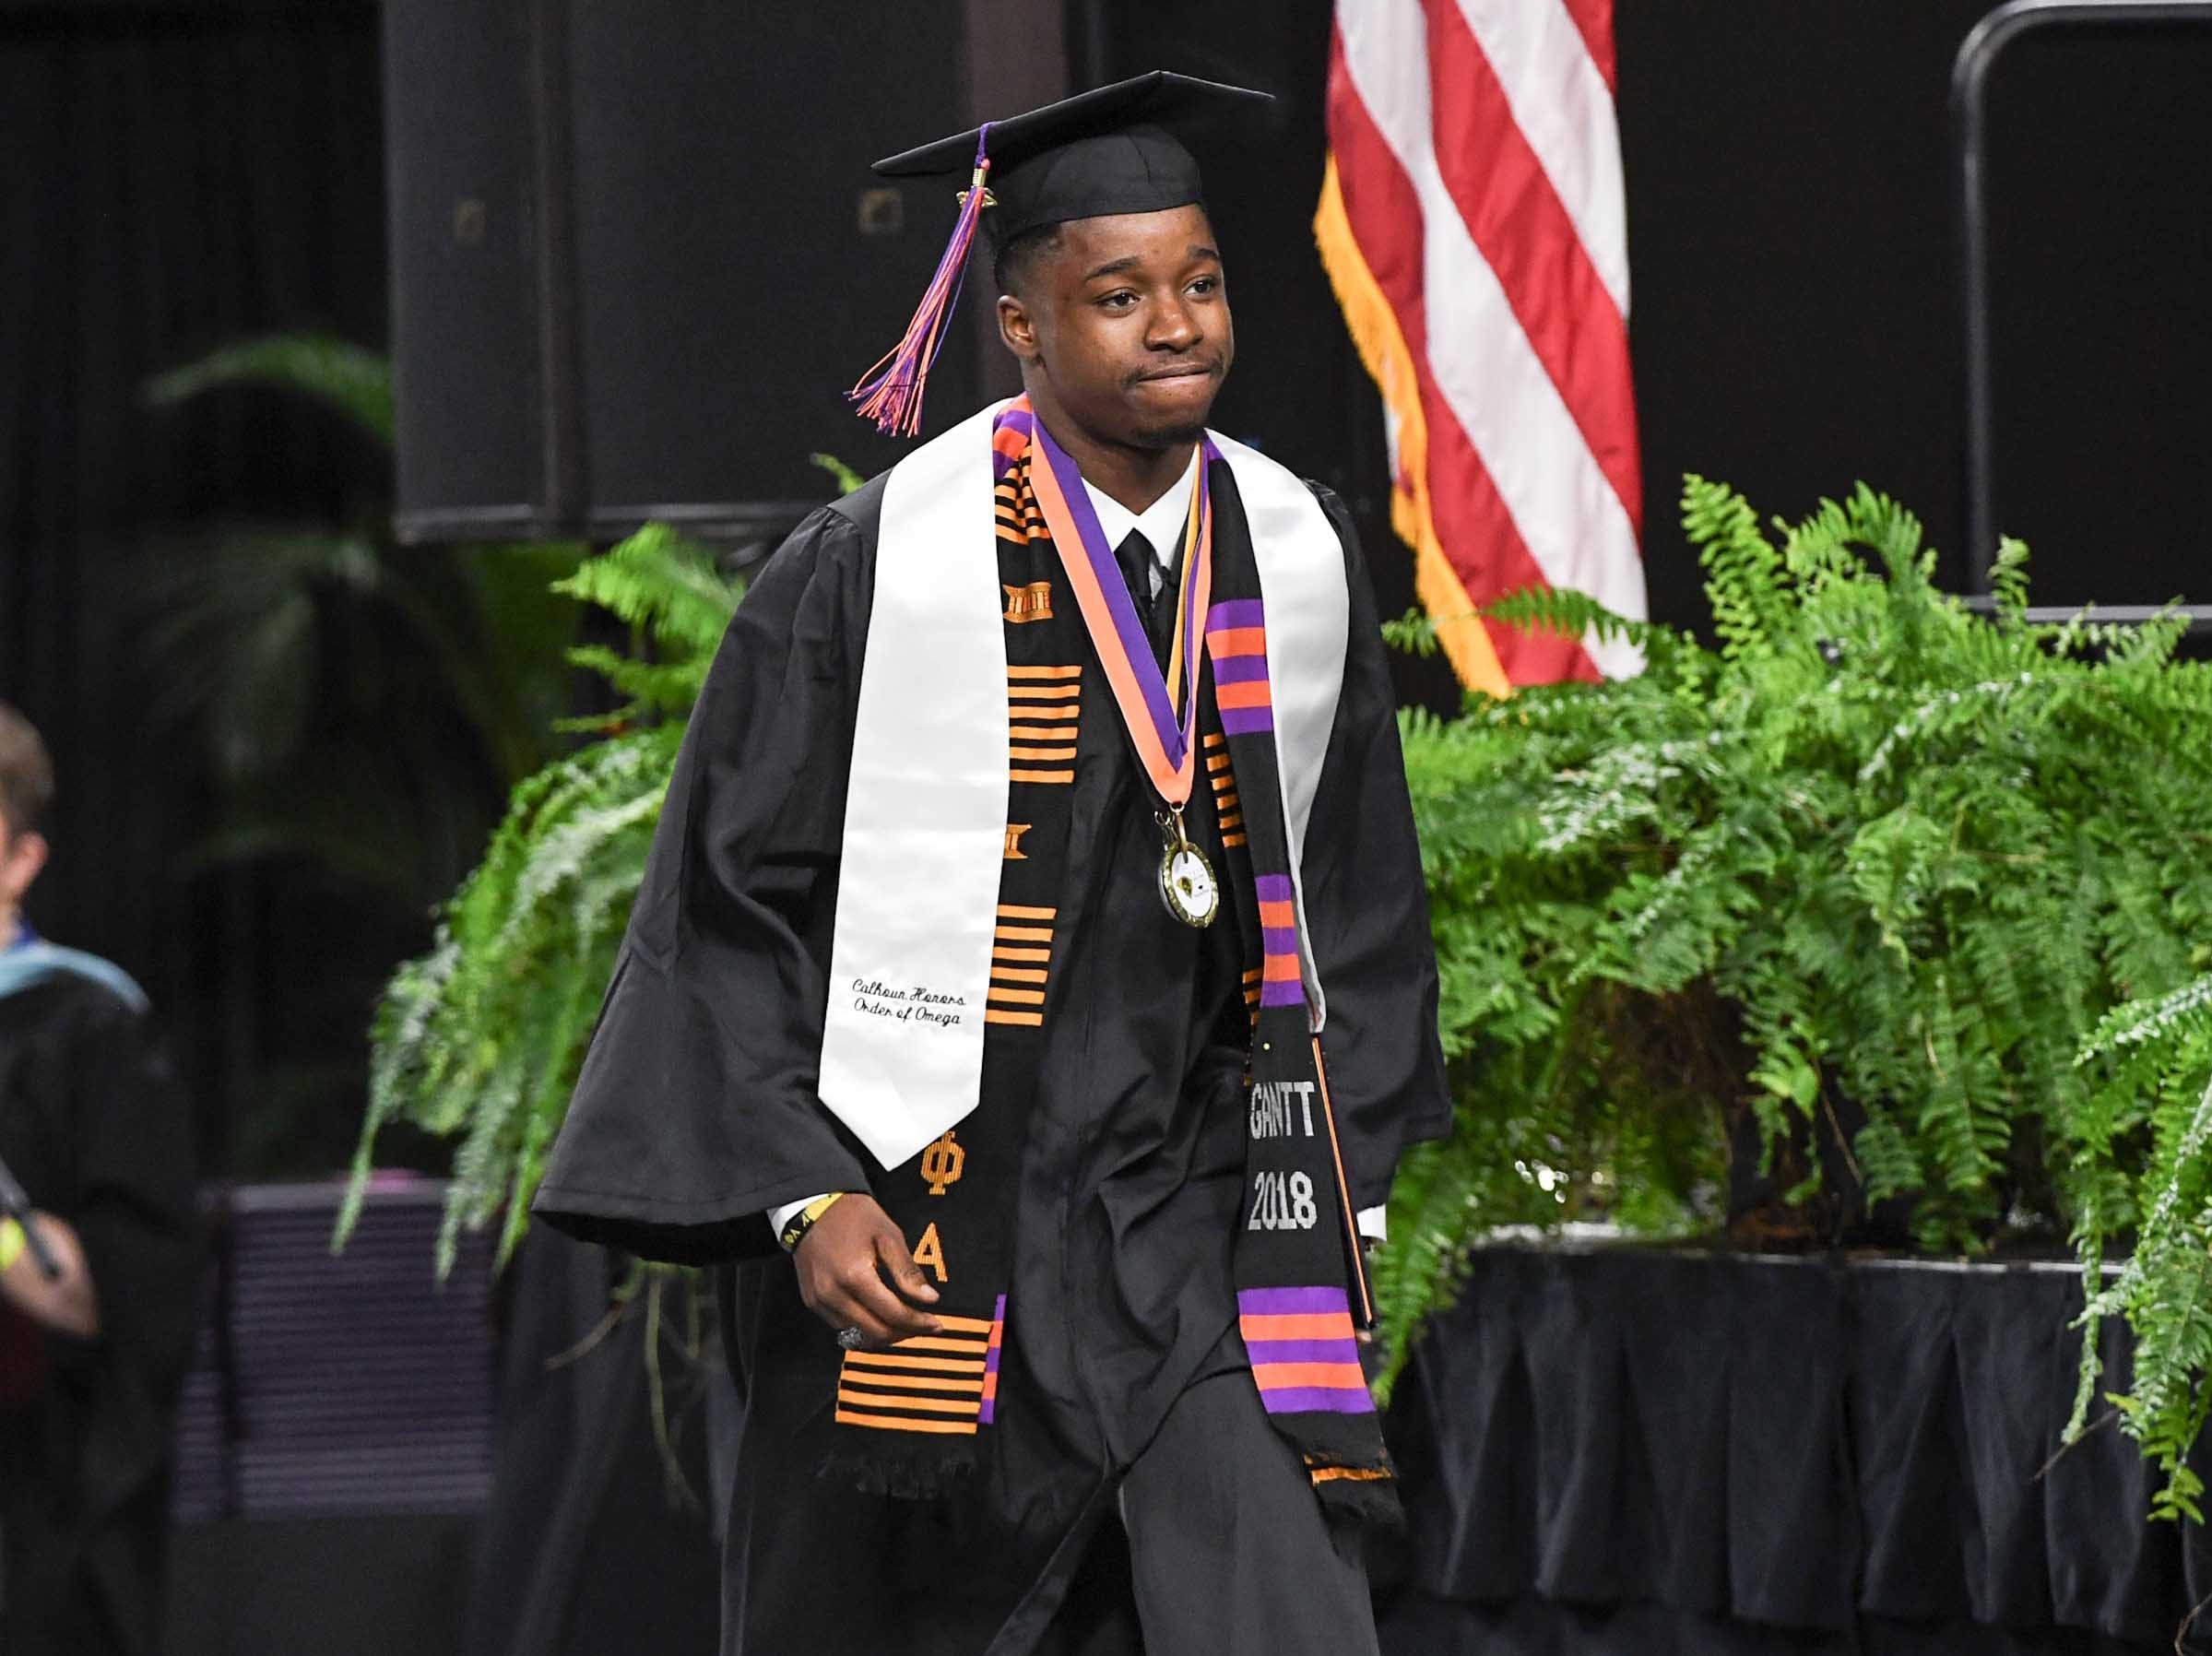 Willie Webb during Clemson University graduation ceremony Thursday morning in Littlejohn Coliseum in Clemson.